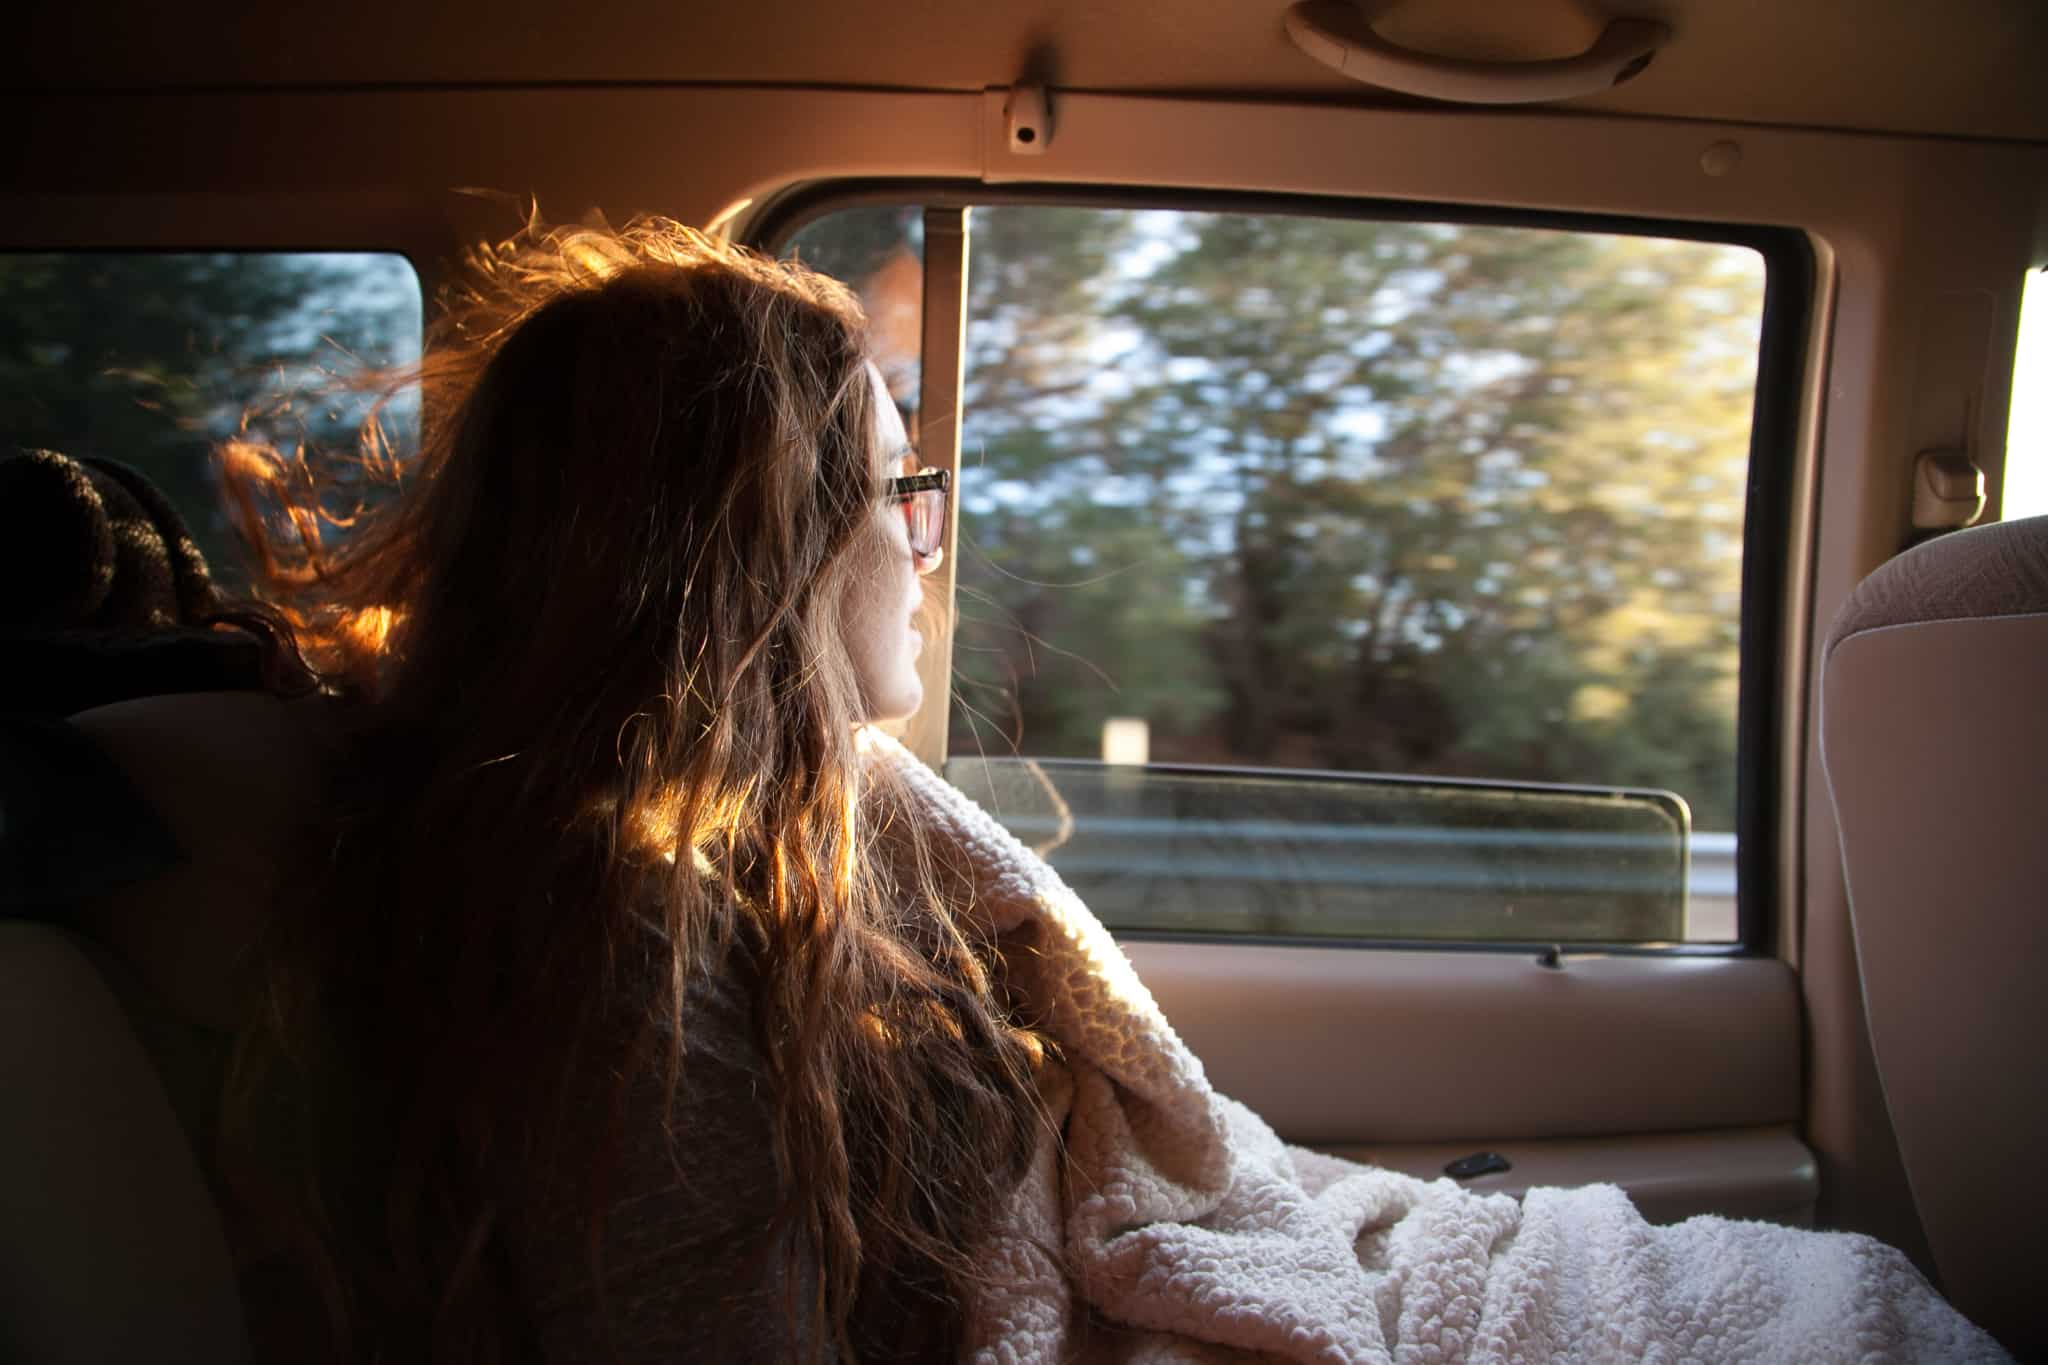 rapariga loira no banco de tras de um carro com a janela aberta